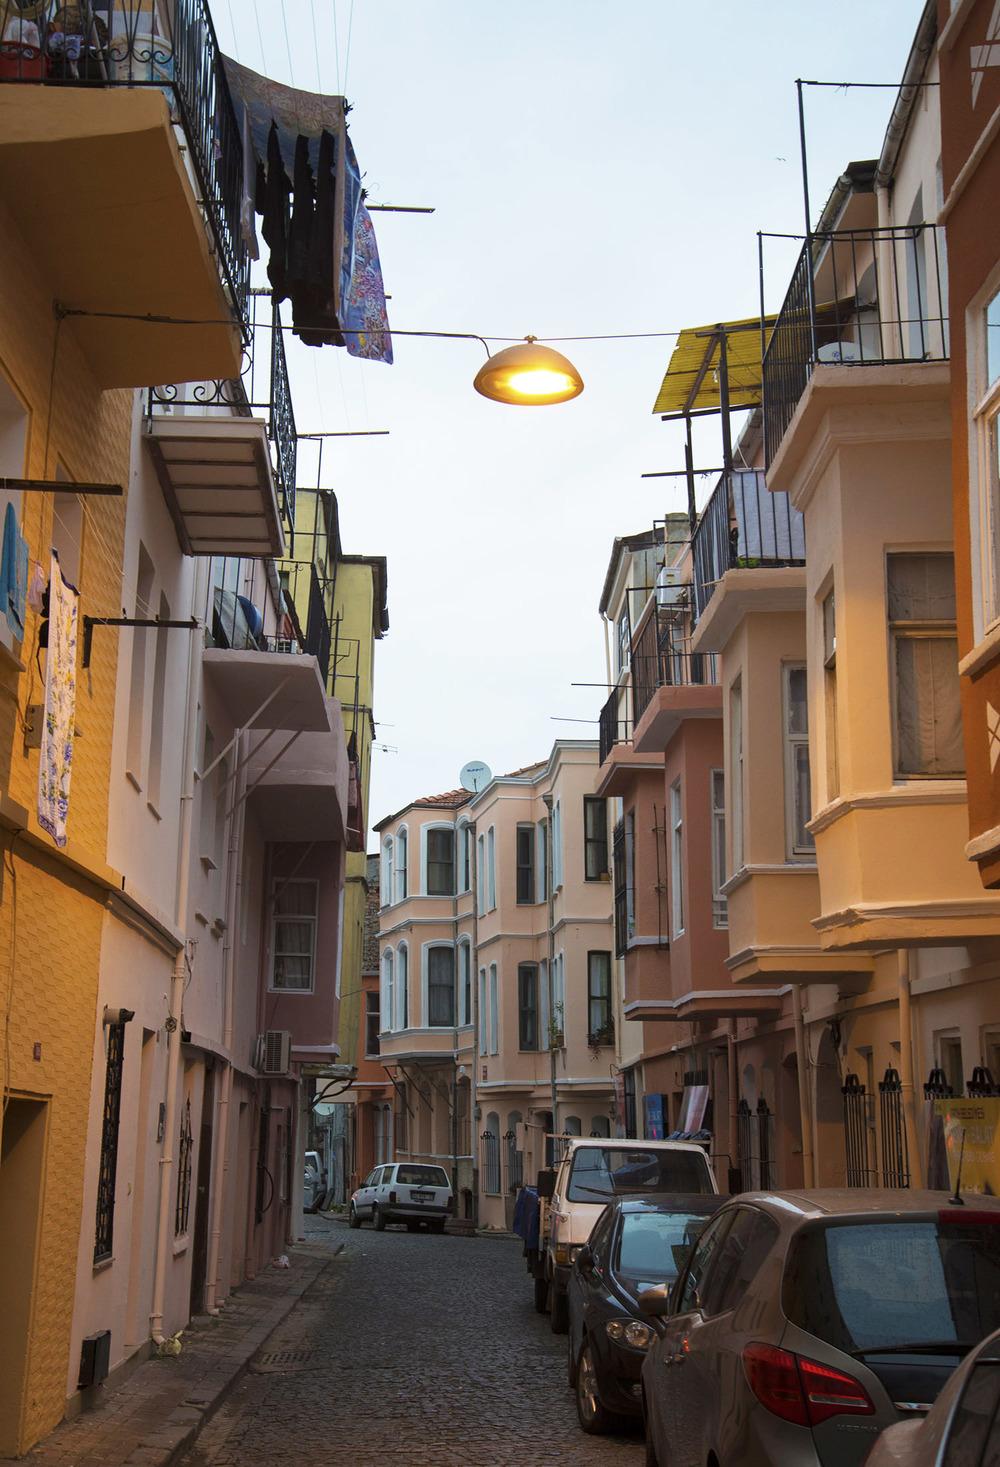 BalatStreet.jpg